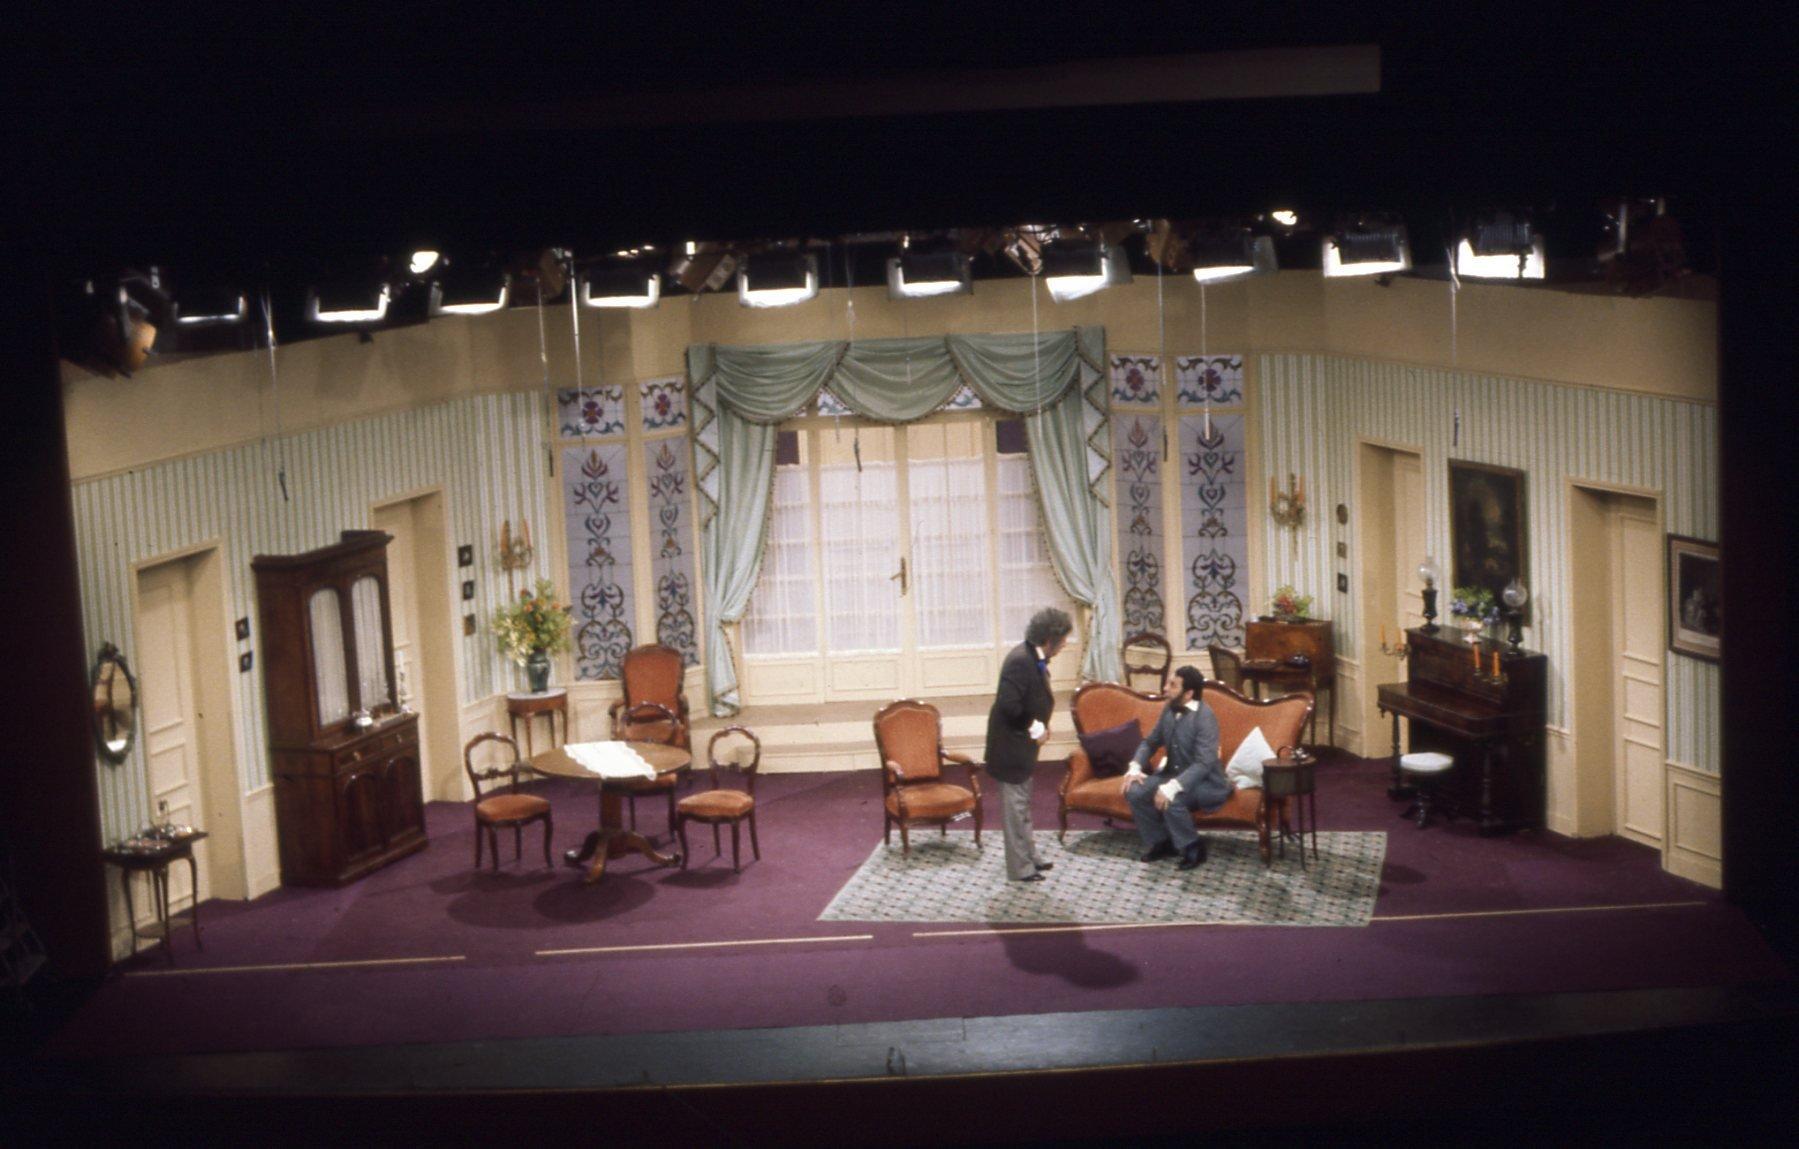 jean pierre clech chef d corateur a d c production designer les petits oiseaux 1977. Black Bedroom Furniture Sets. Home Design Ideas